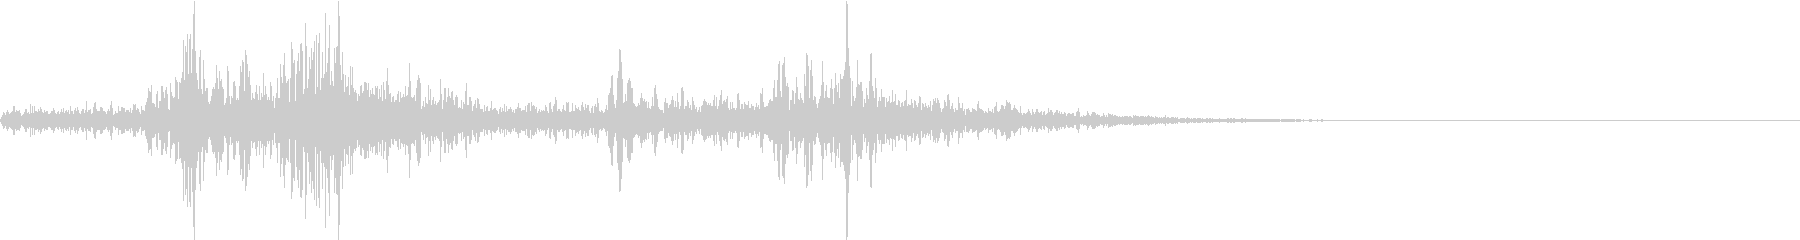 【生録音】布団から飛び起きる音 1の未再生の波形